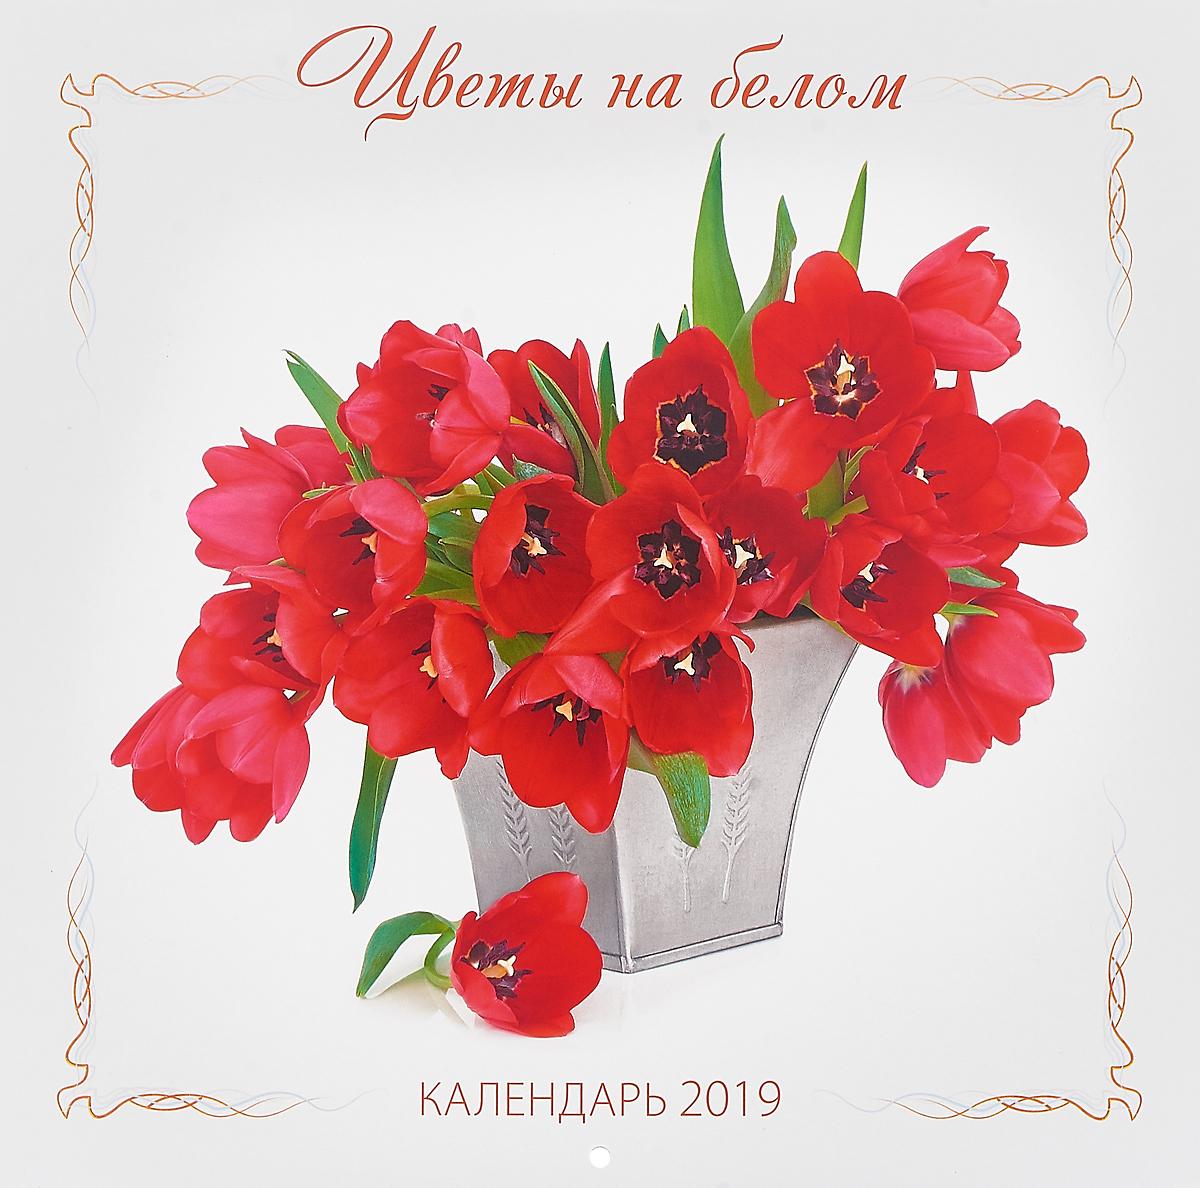 Календарь на спирали на 2019 год. Цветы на белом